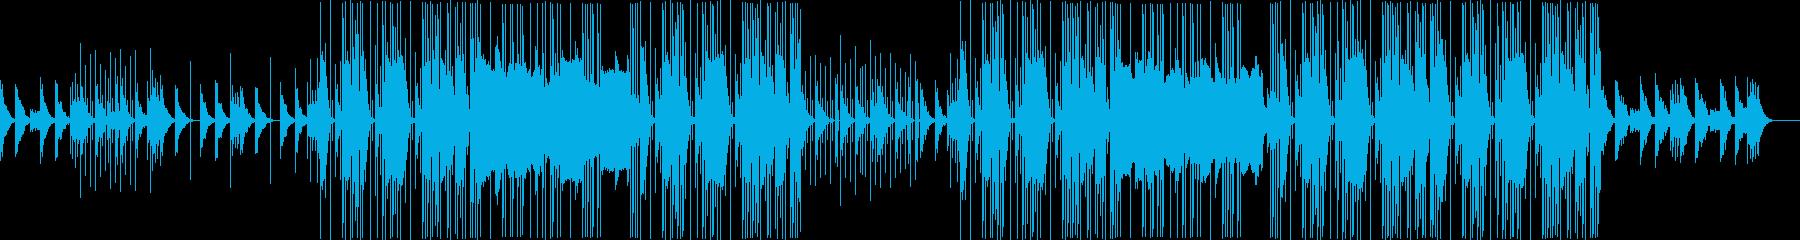 ポップな洋楽R&Bビートの再生済みの波形